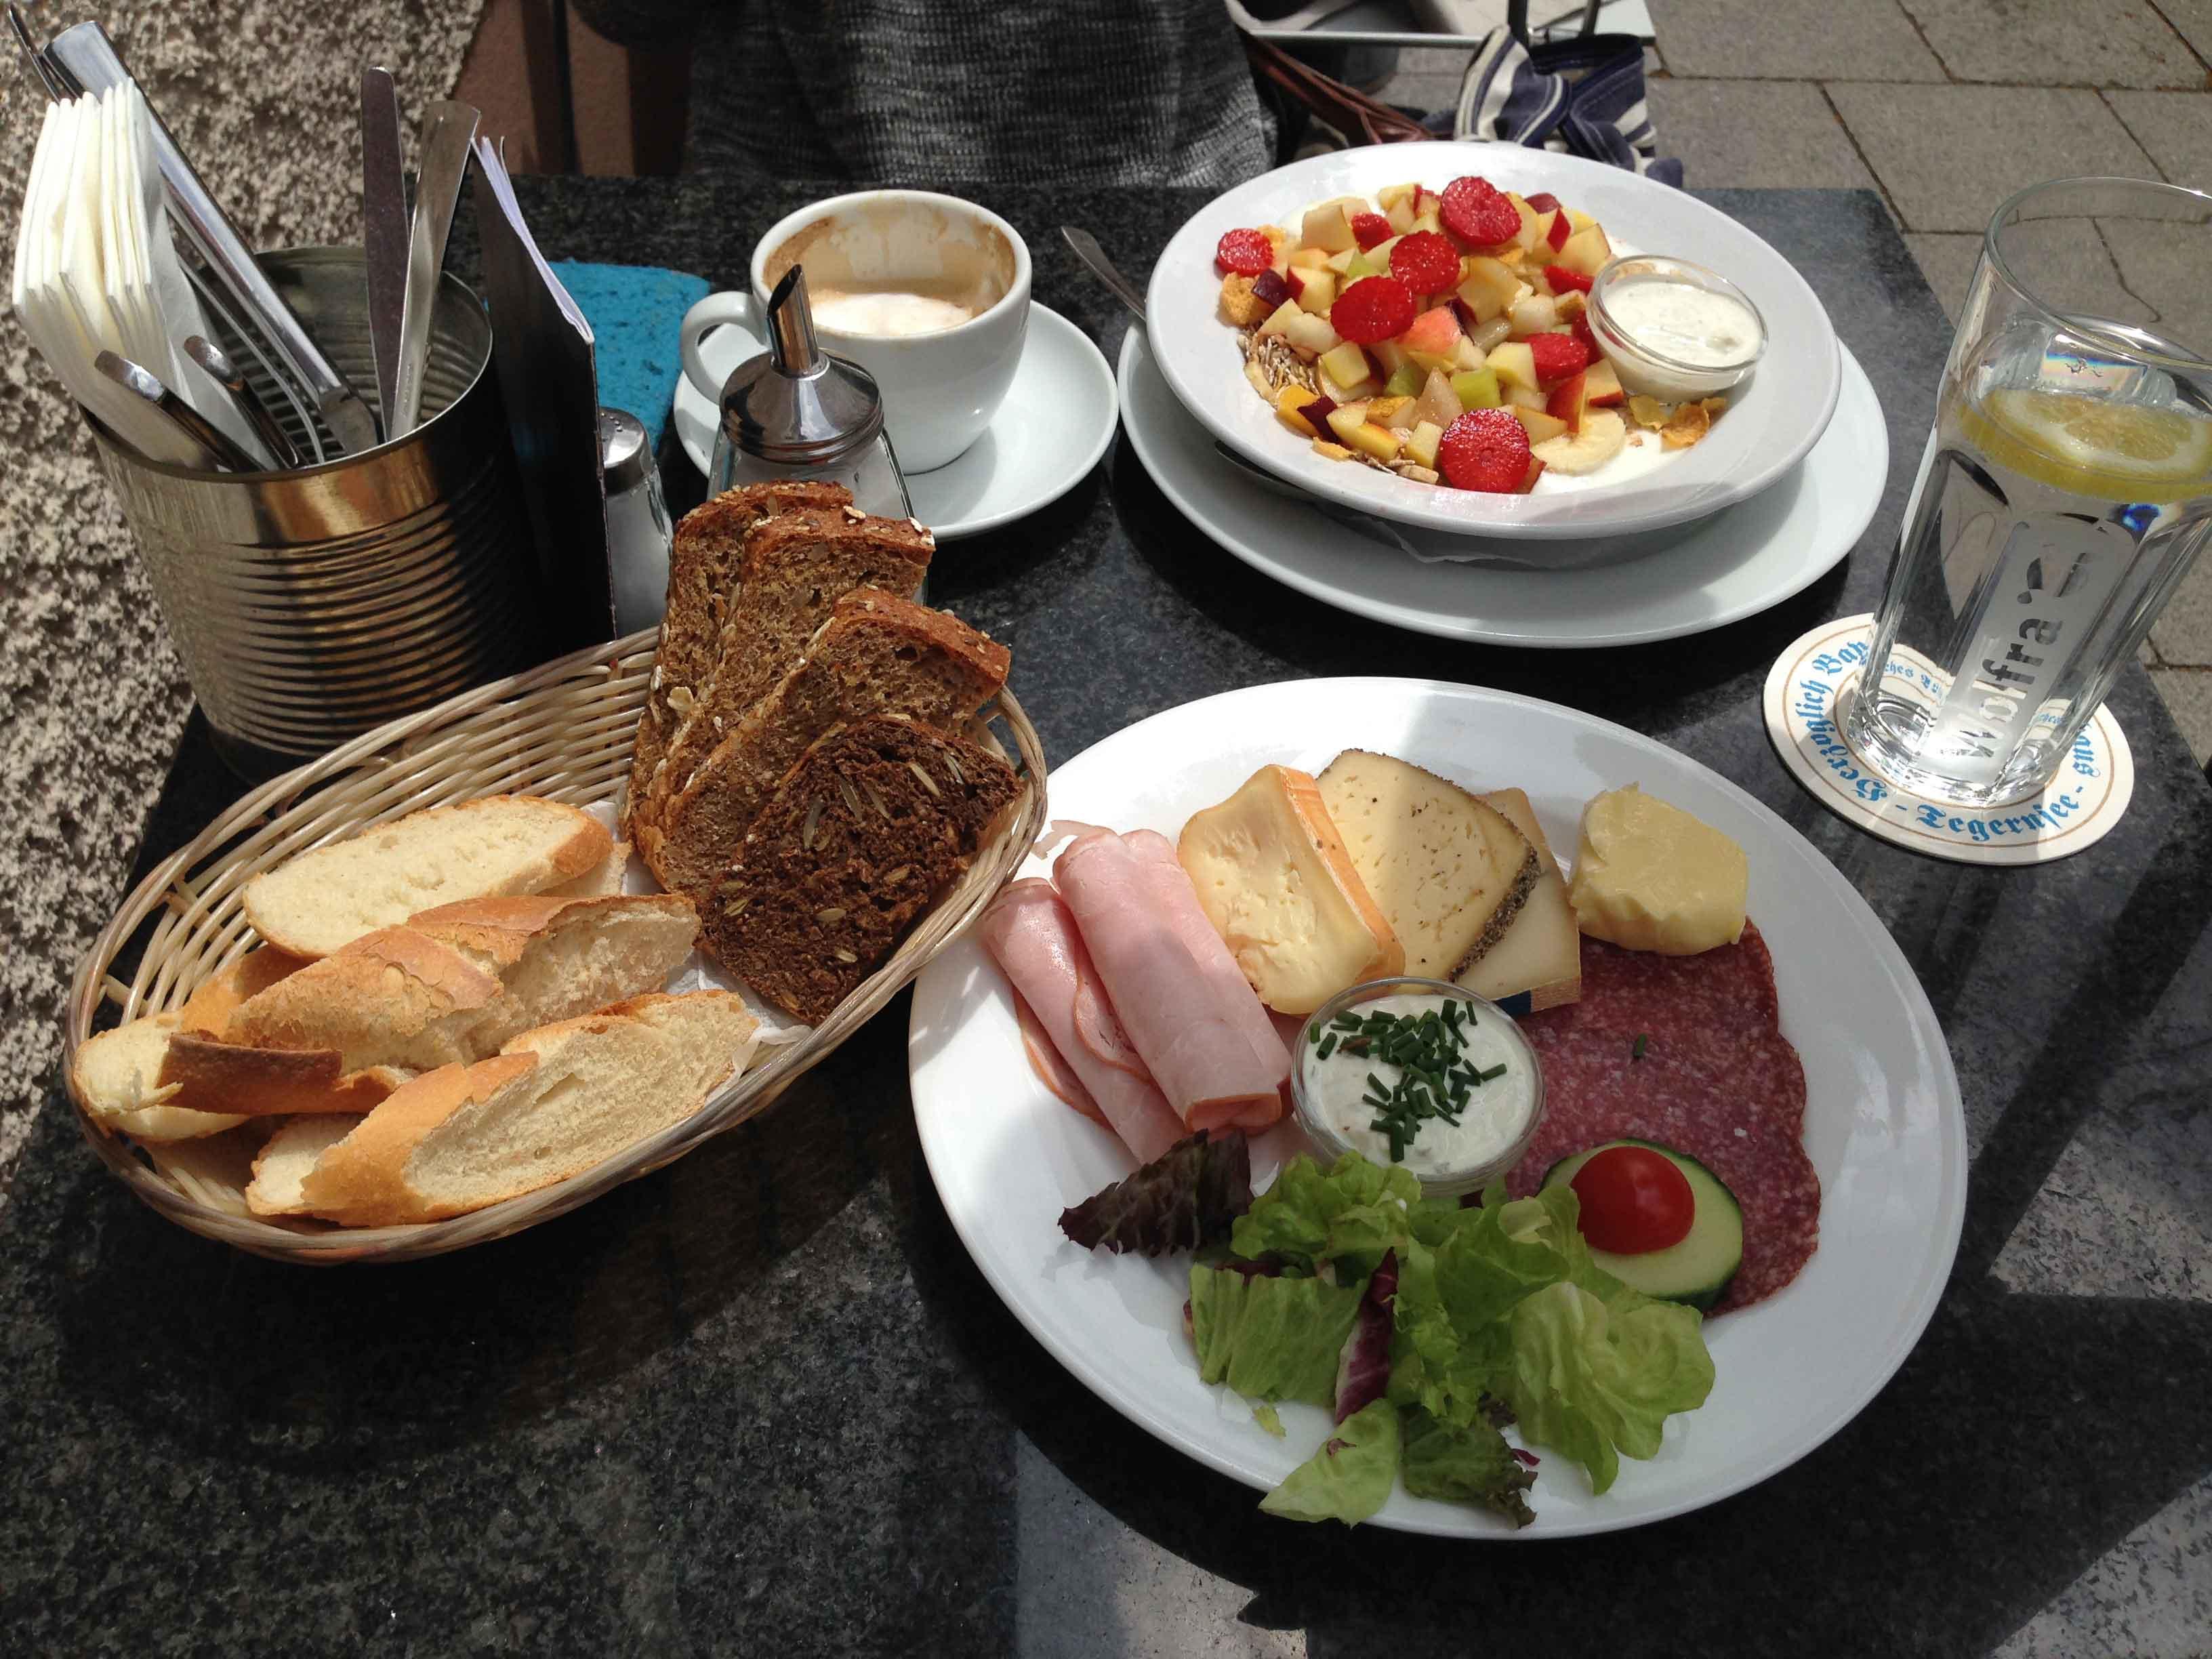 Cafe Westend Fr Ef Bf Bdhst Ef Bf Bdck